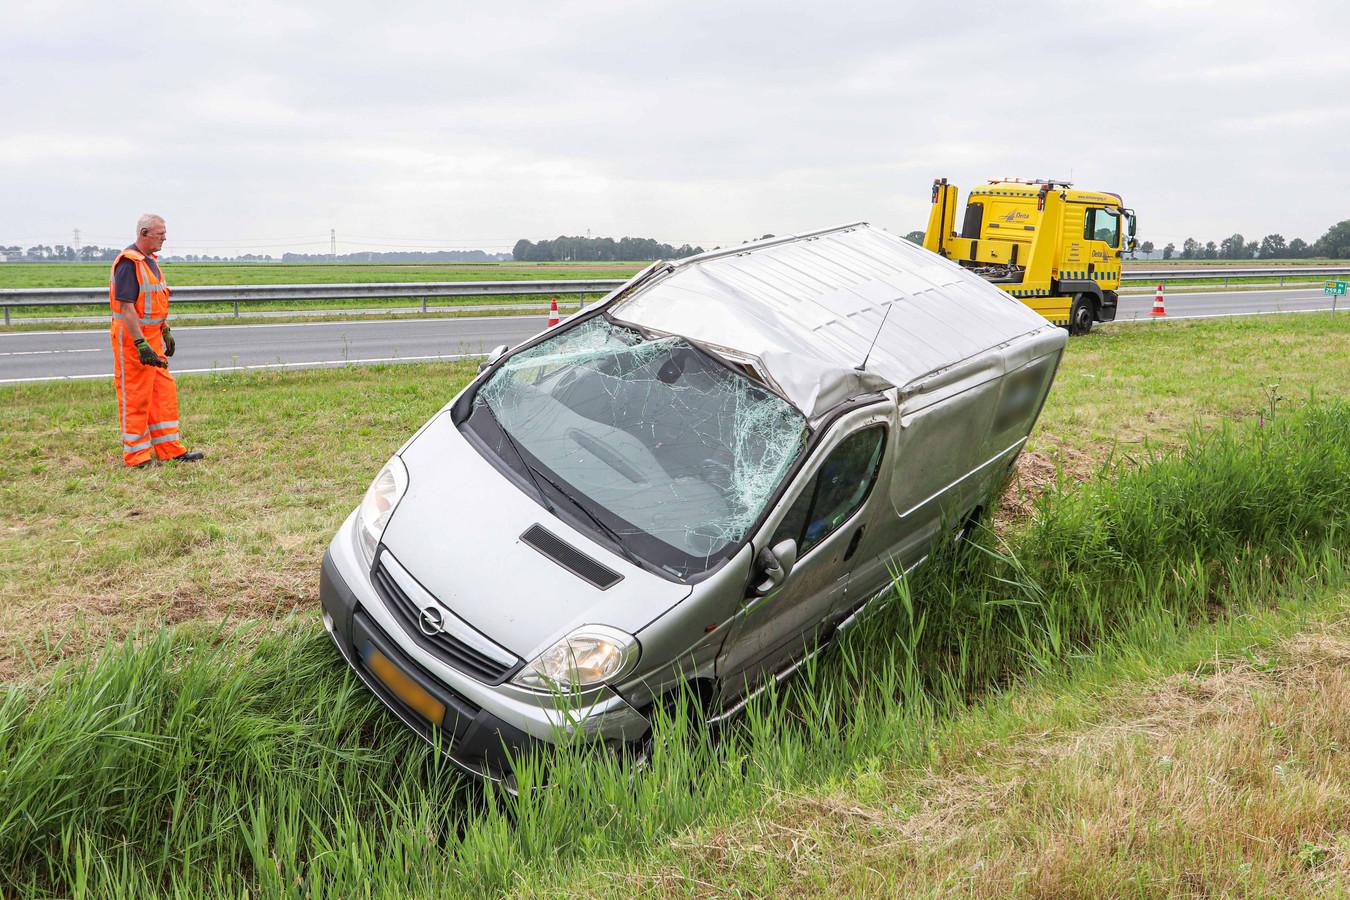 Bij een inhaalpoging op de N50 botste een bestelbusje vrijdagmiddag met een personenauto. Het voertuig raakte hierbij van de weg, sloeg over de kop en kwam in een sloot tot stilstand.